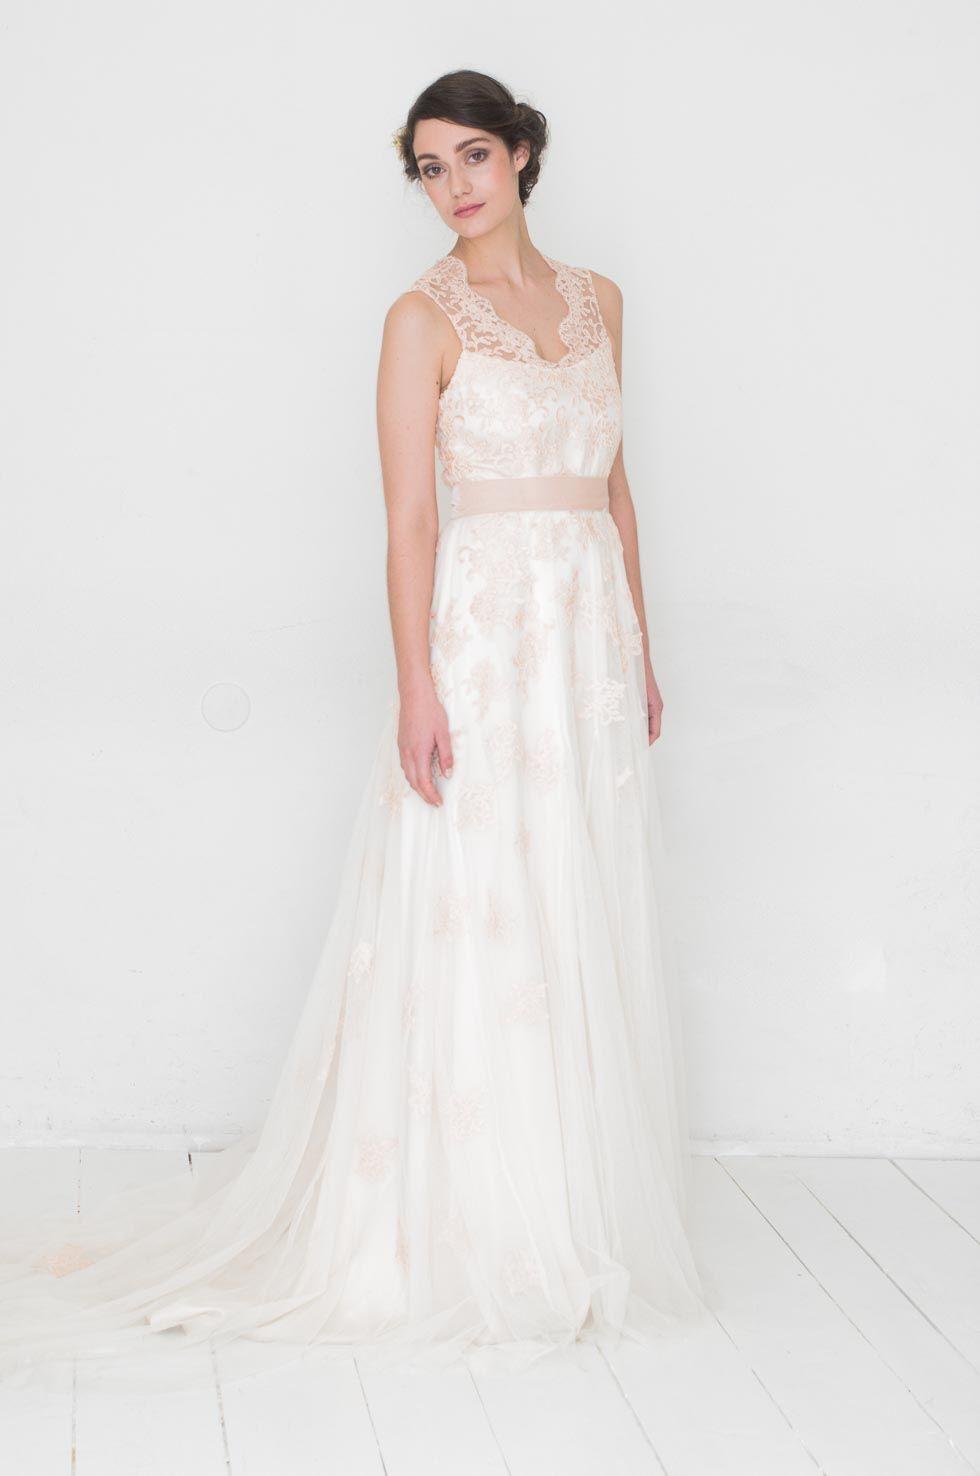 Wunderbar Sank Taille Hochzeitskleid Zeitgenössisch - Hochzeit Kleid ...